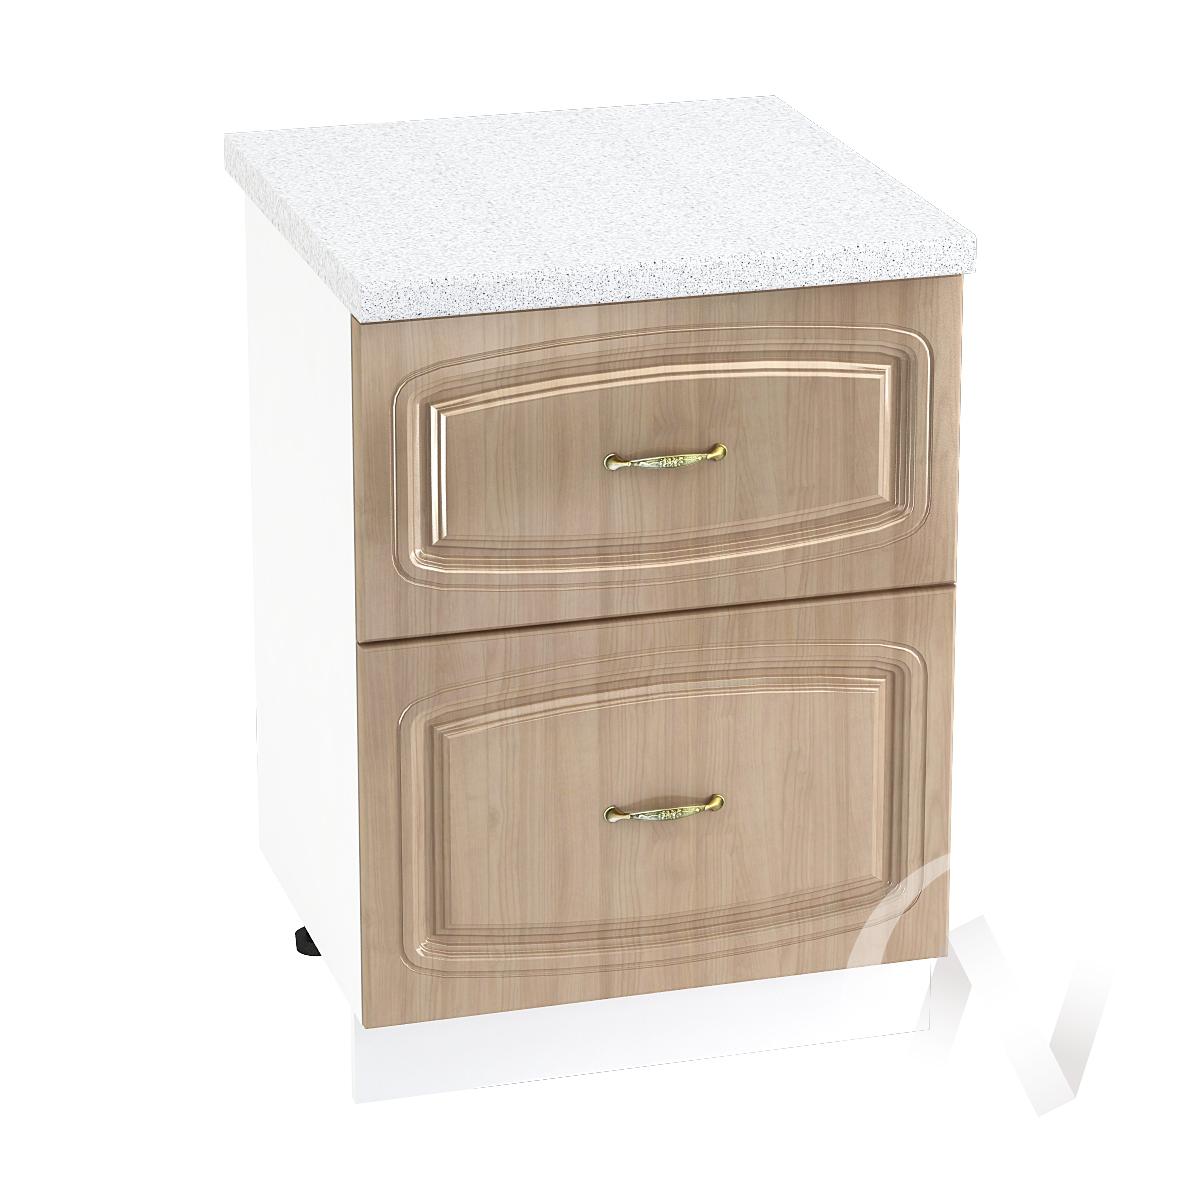 """Кухня """"Сити"""": Шкаф нижний с 2-мя ящиками 600, ШН2Я 600 (корпус белый)"""